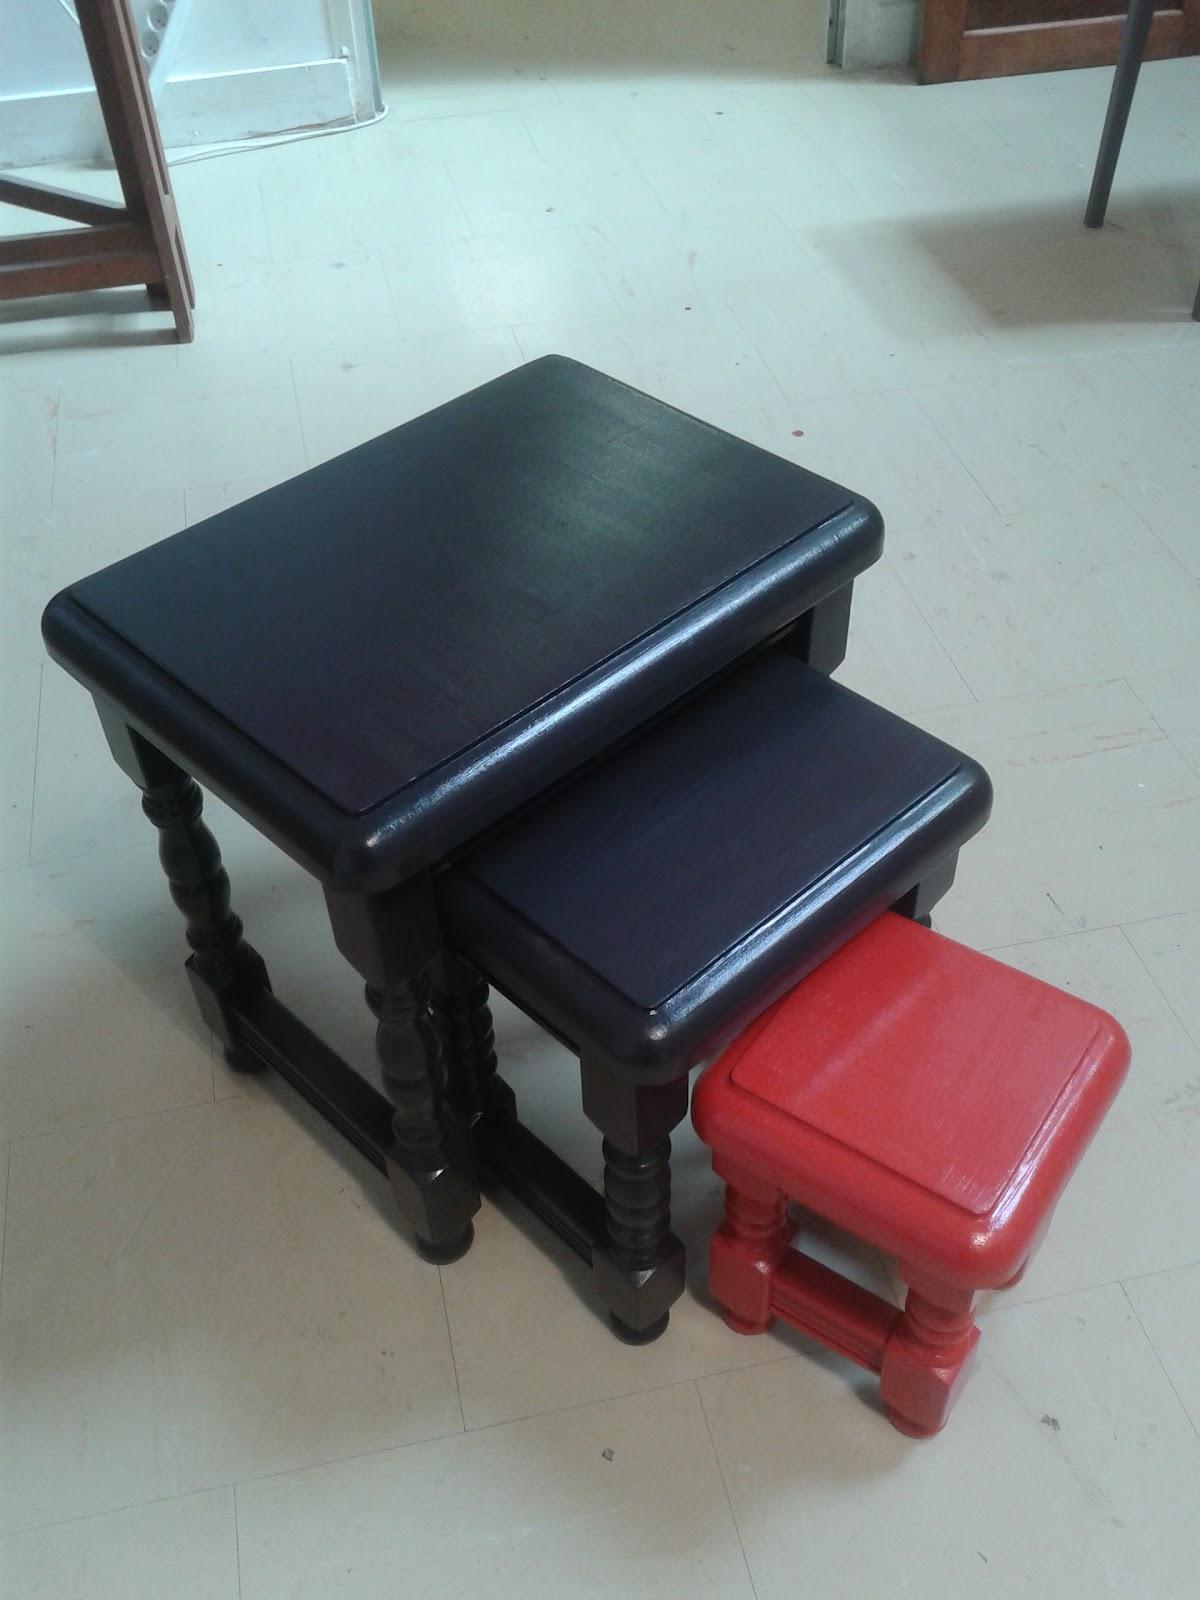 peinture sur meuble leroy merlin orl ans cours de. Black Bedroom Furniture Sets. Home Design Ideas